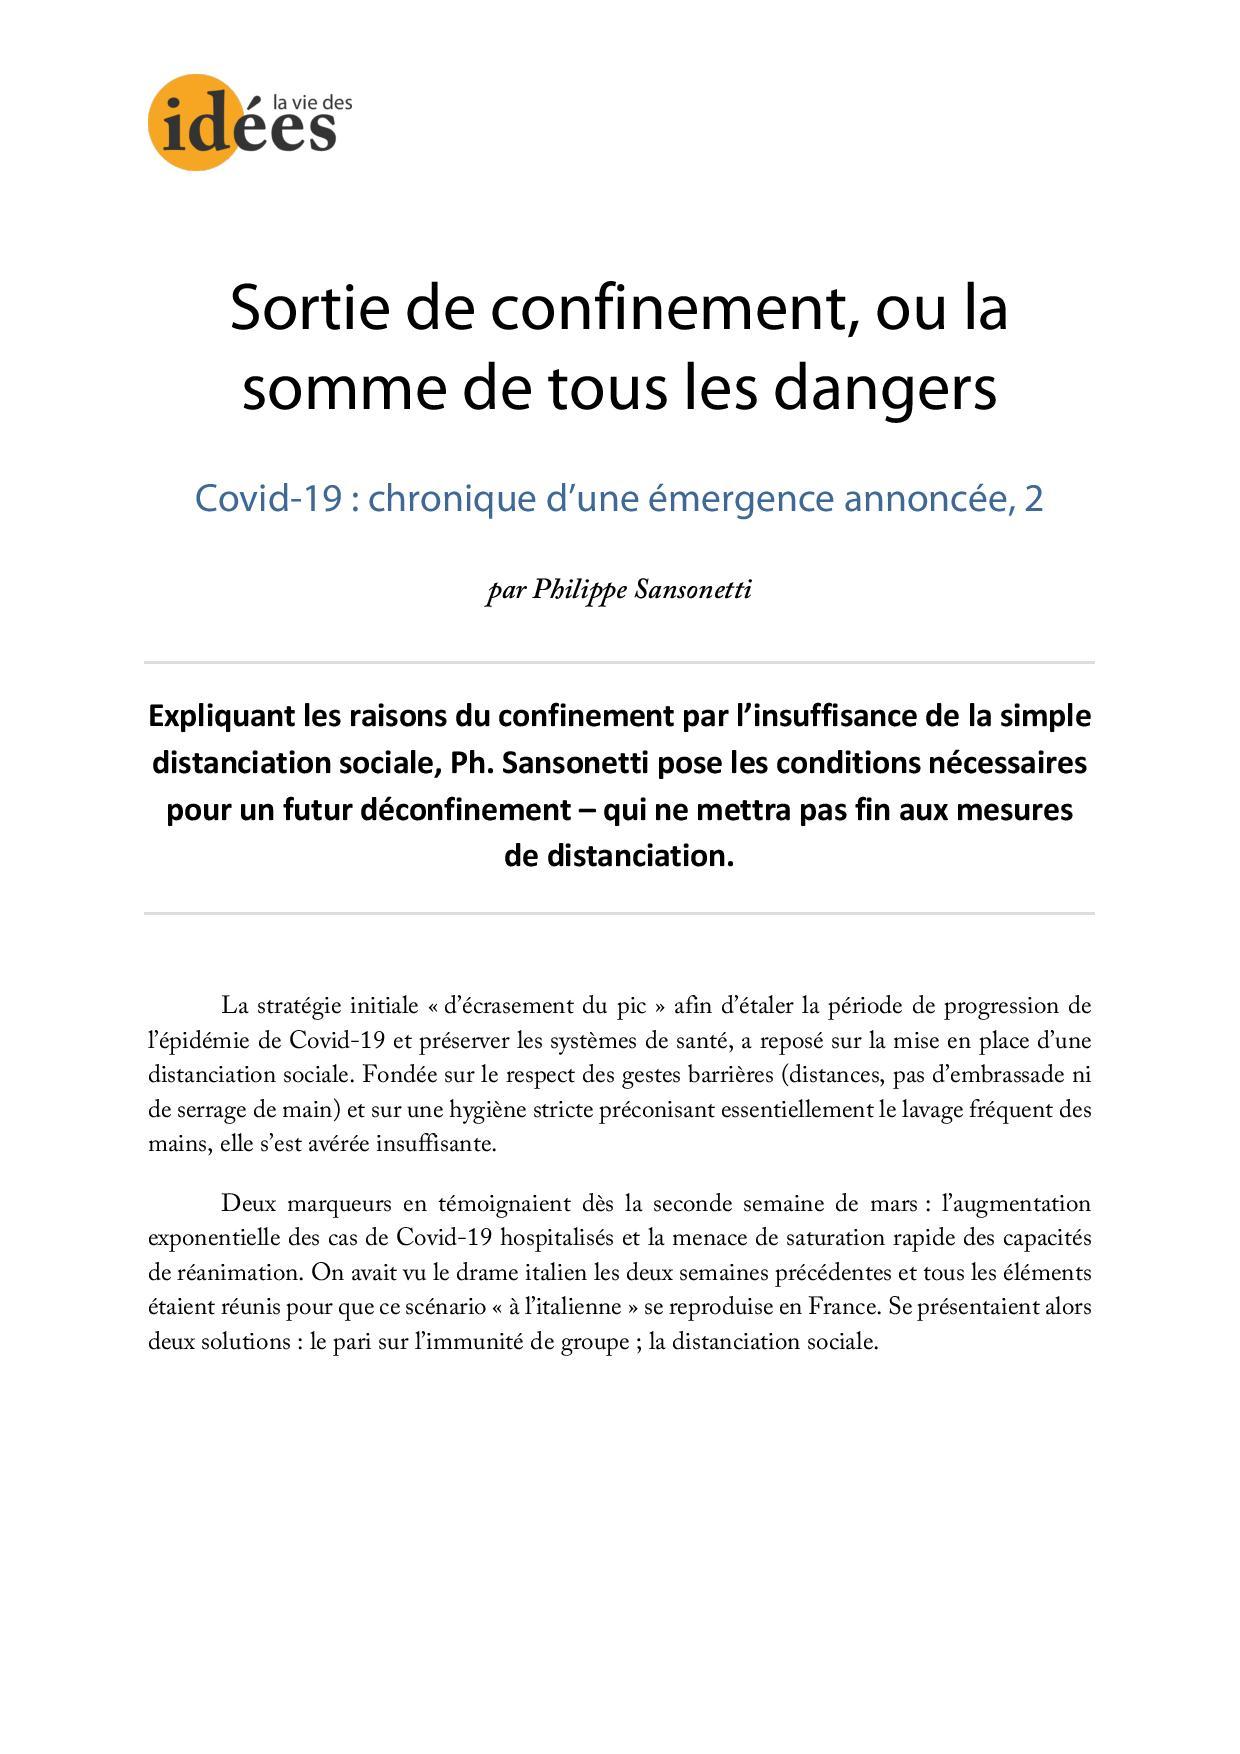 20200414_sortiedeconfinement-2-page-001.jpg